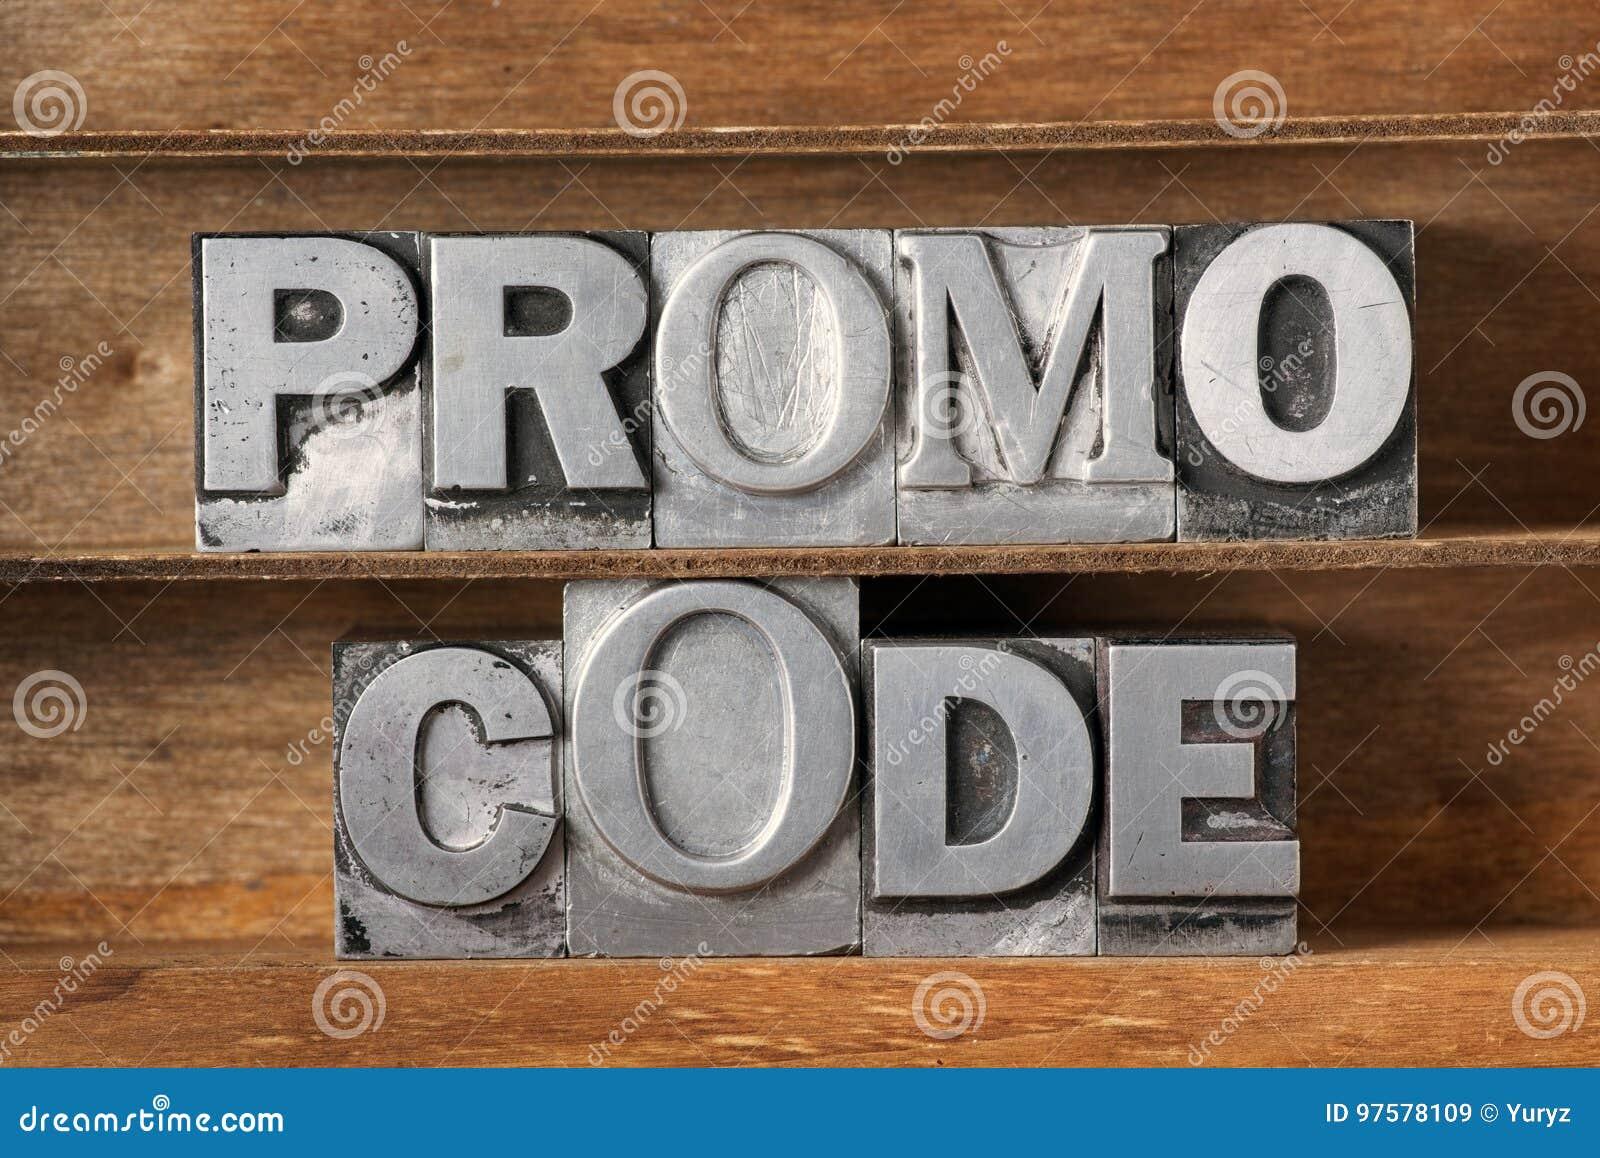 Bandeja del código del promo